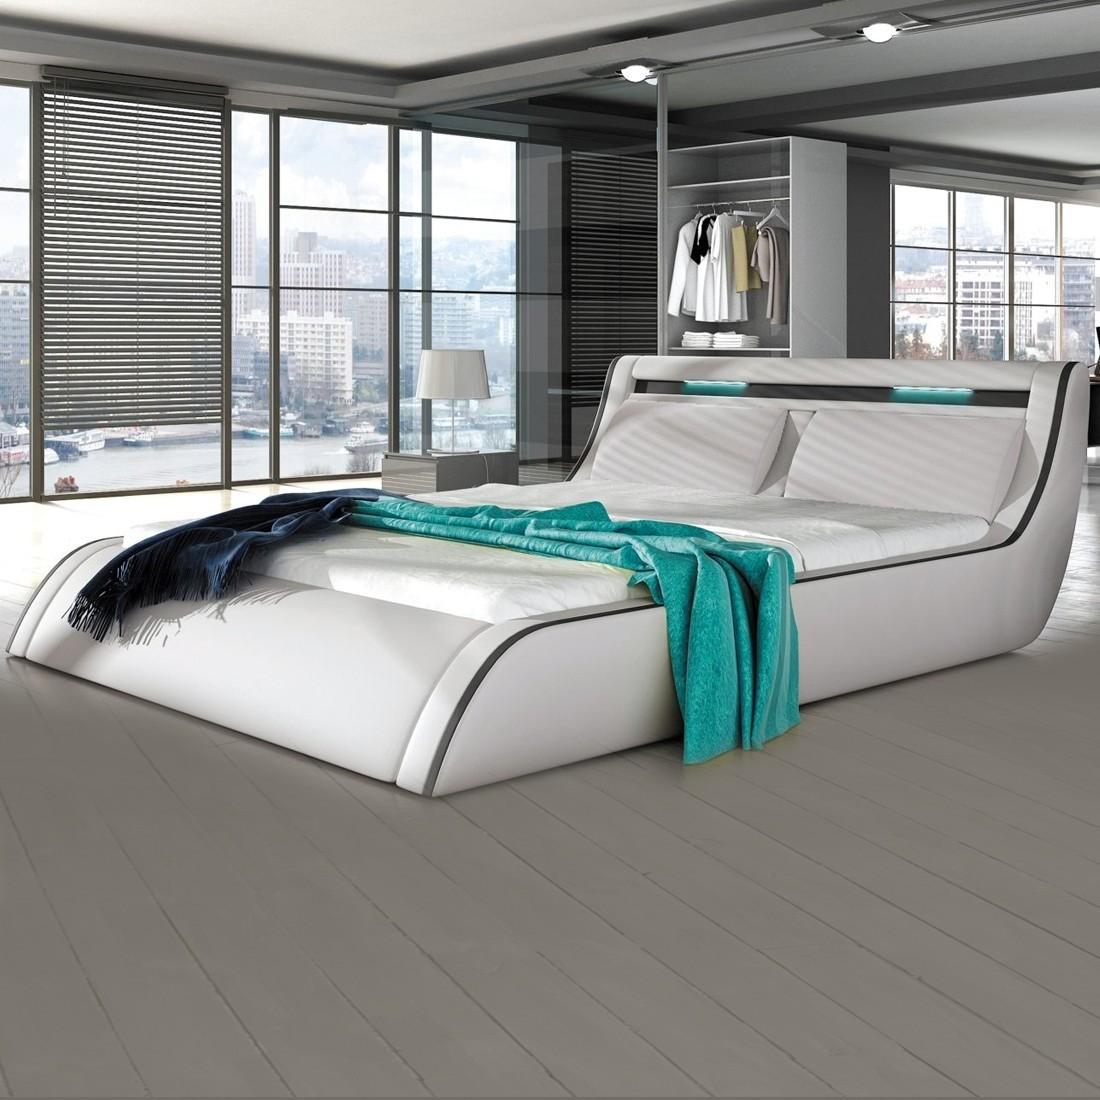 lit led design planet avec sommier relevable. Black Bedroom Furniture Sets. Home Design Ideas